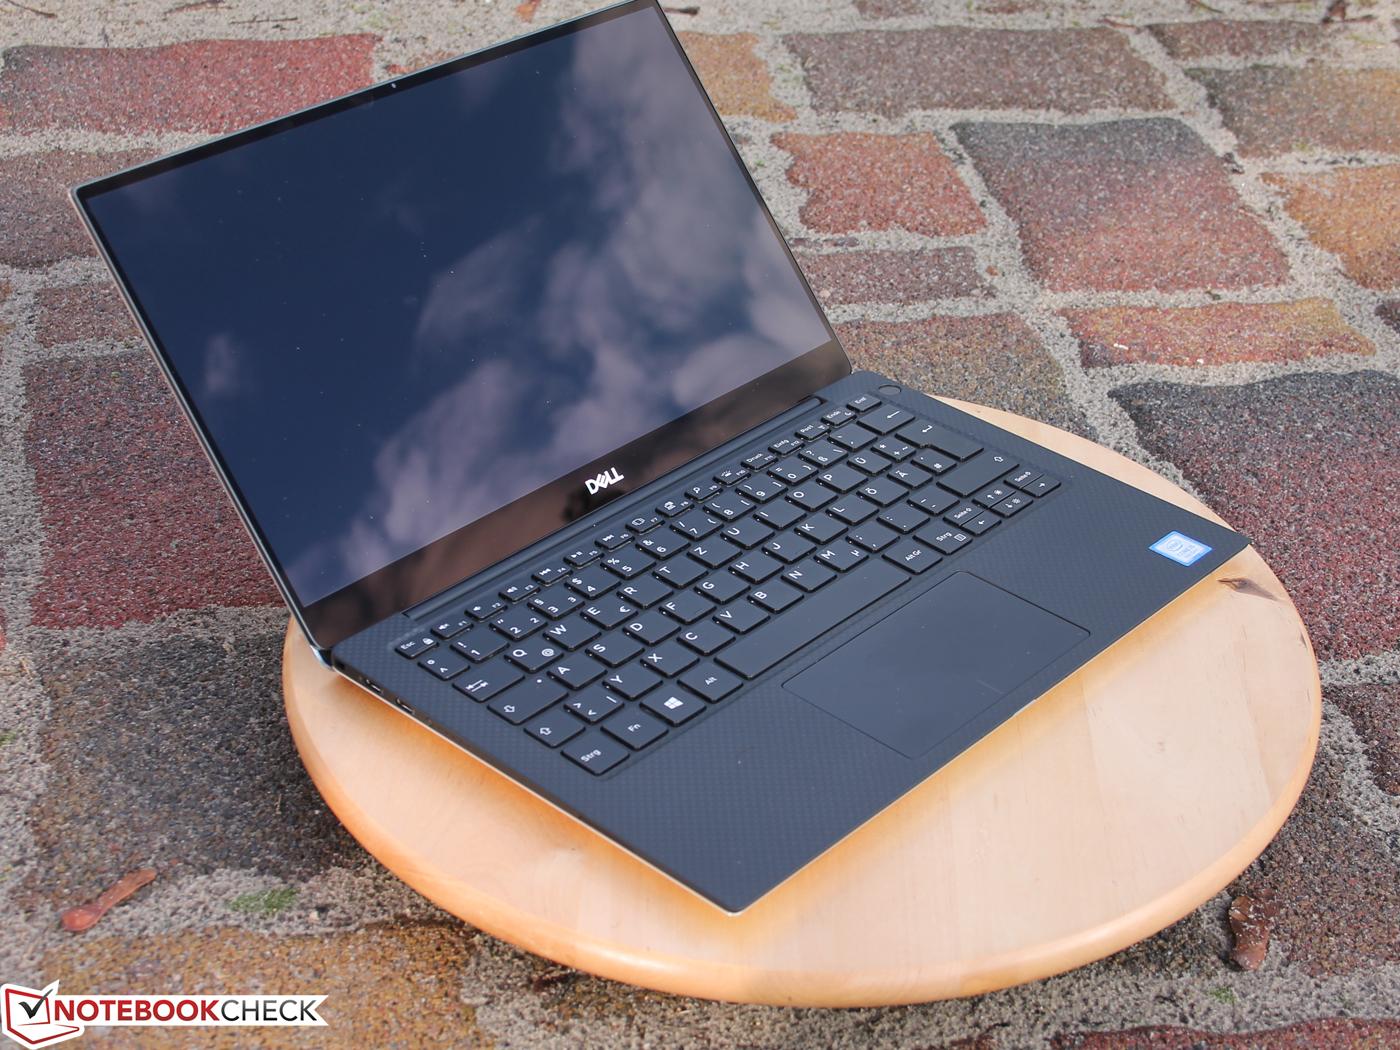 戴尔XPS 13 9380 2019款(i5-8265U, 256GB, UHD)笔记本电脑评测